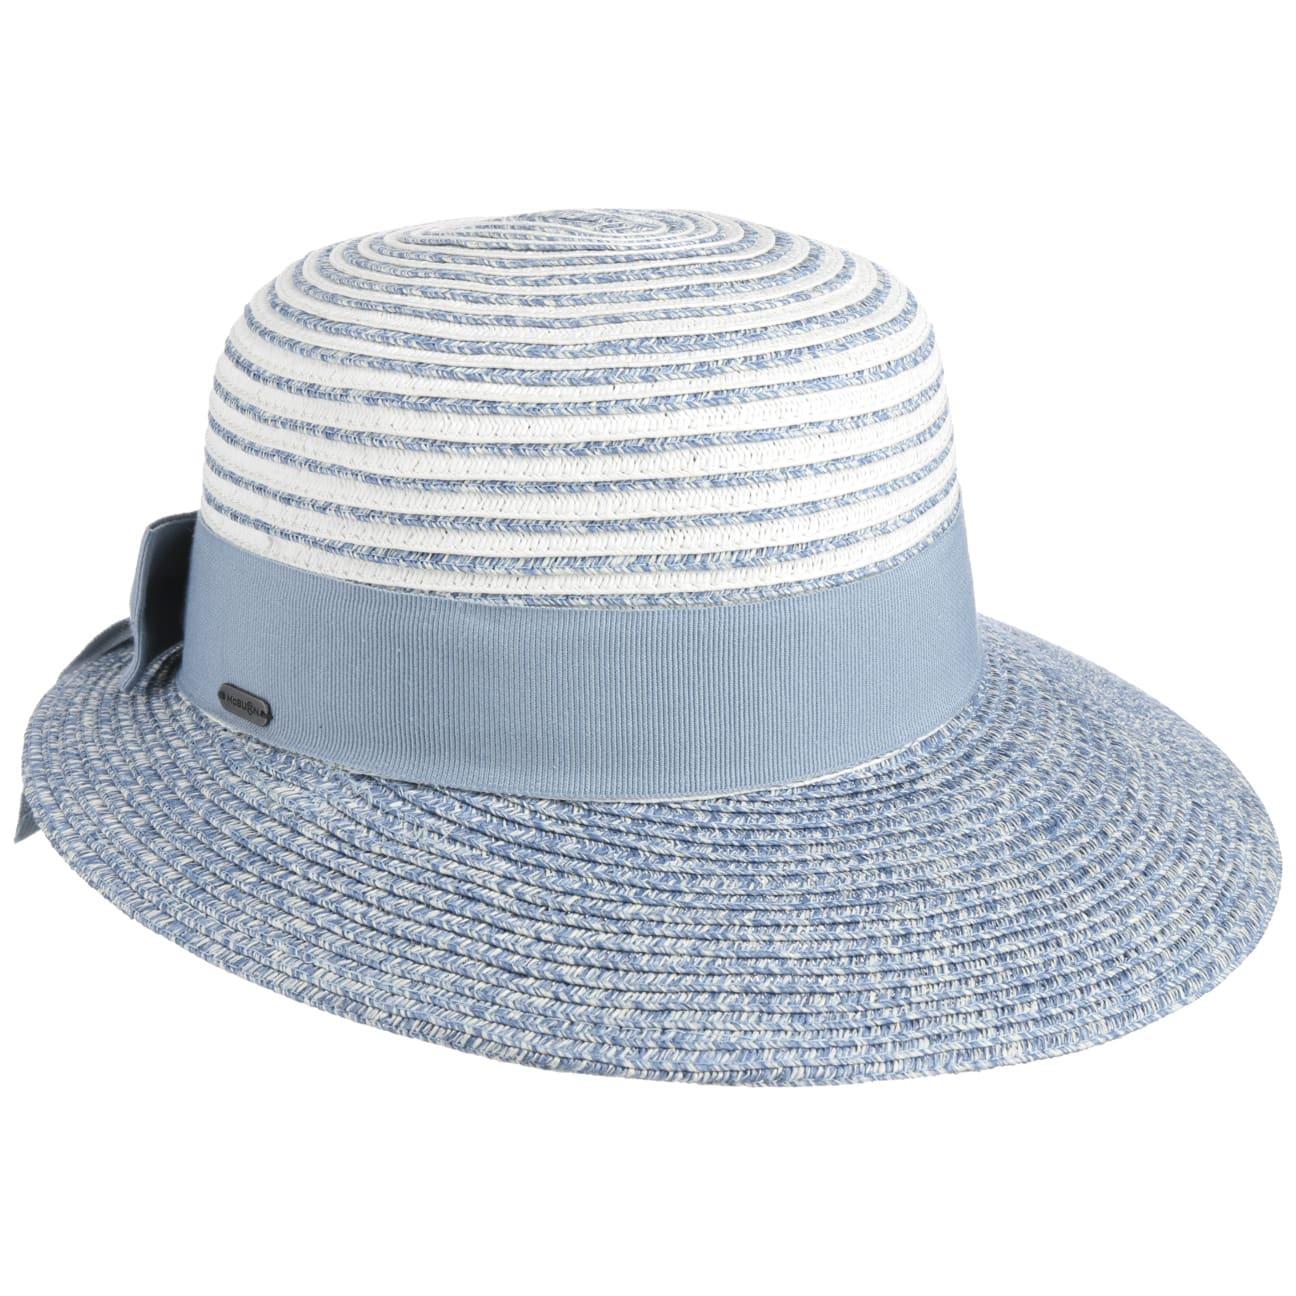 Chapeau en Paille Tusali Twotone by McBURN  chapeau de soleil